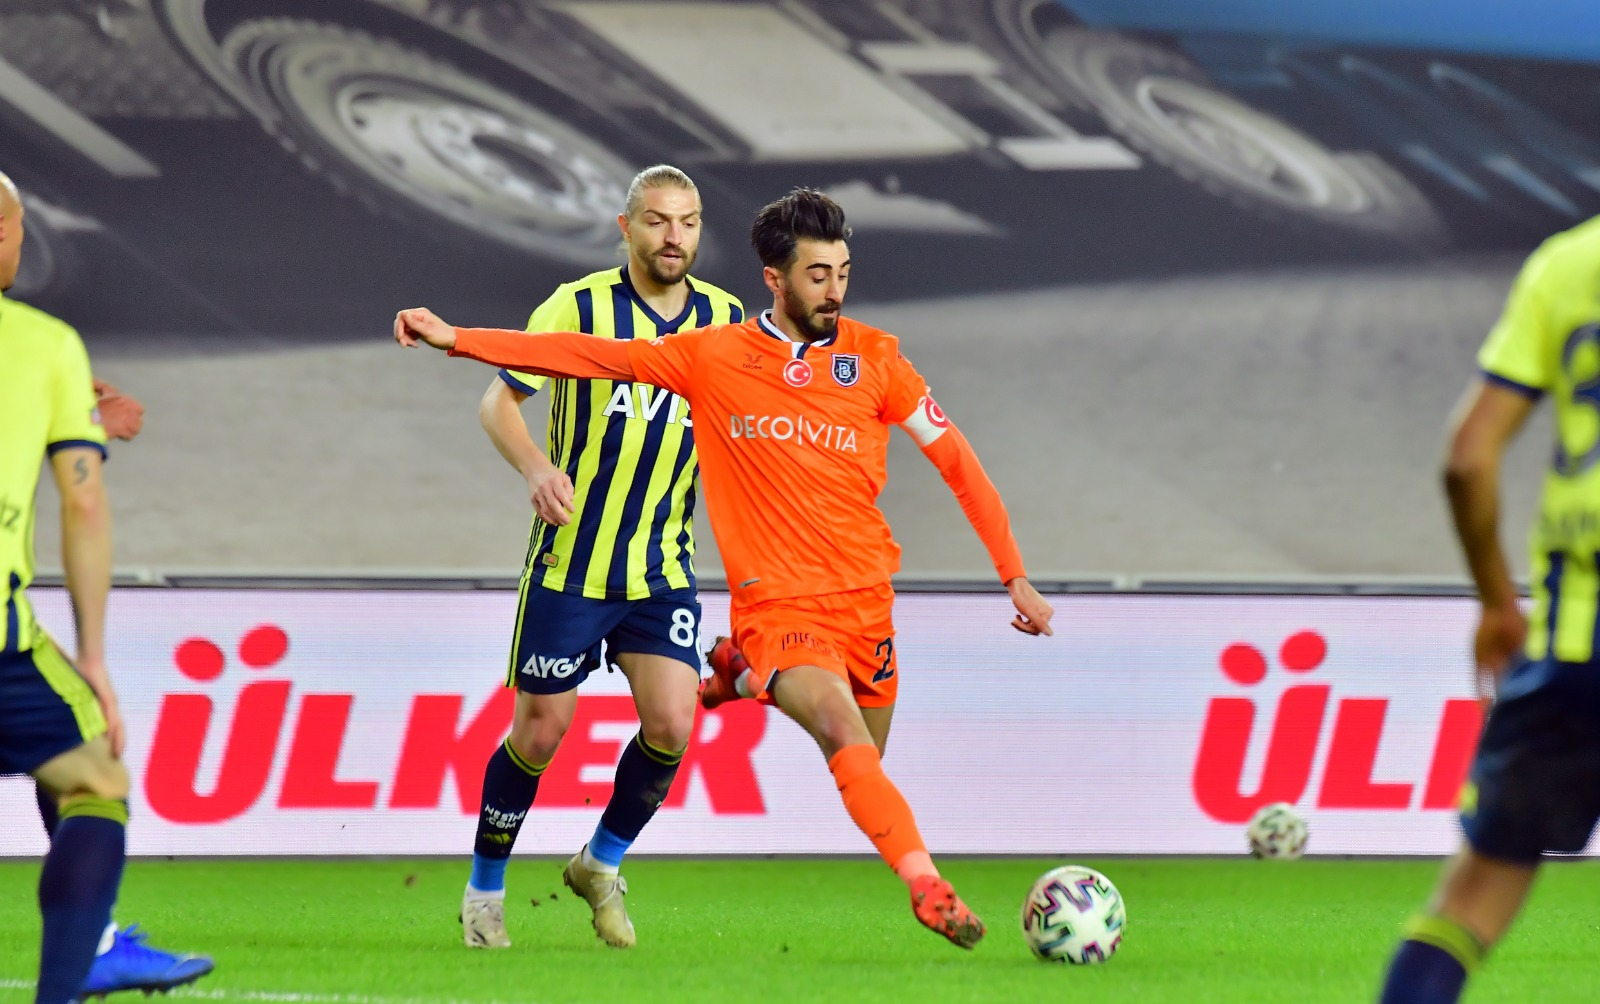 Fenerbahçe Başakşehir  maç özeti izle, Fenerbahçe Başakşehir  geniş özet izle, Fenerbahçe Başakşehir  özet izle